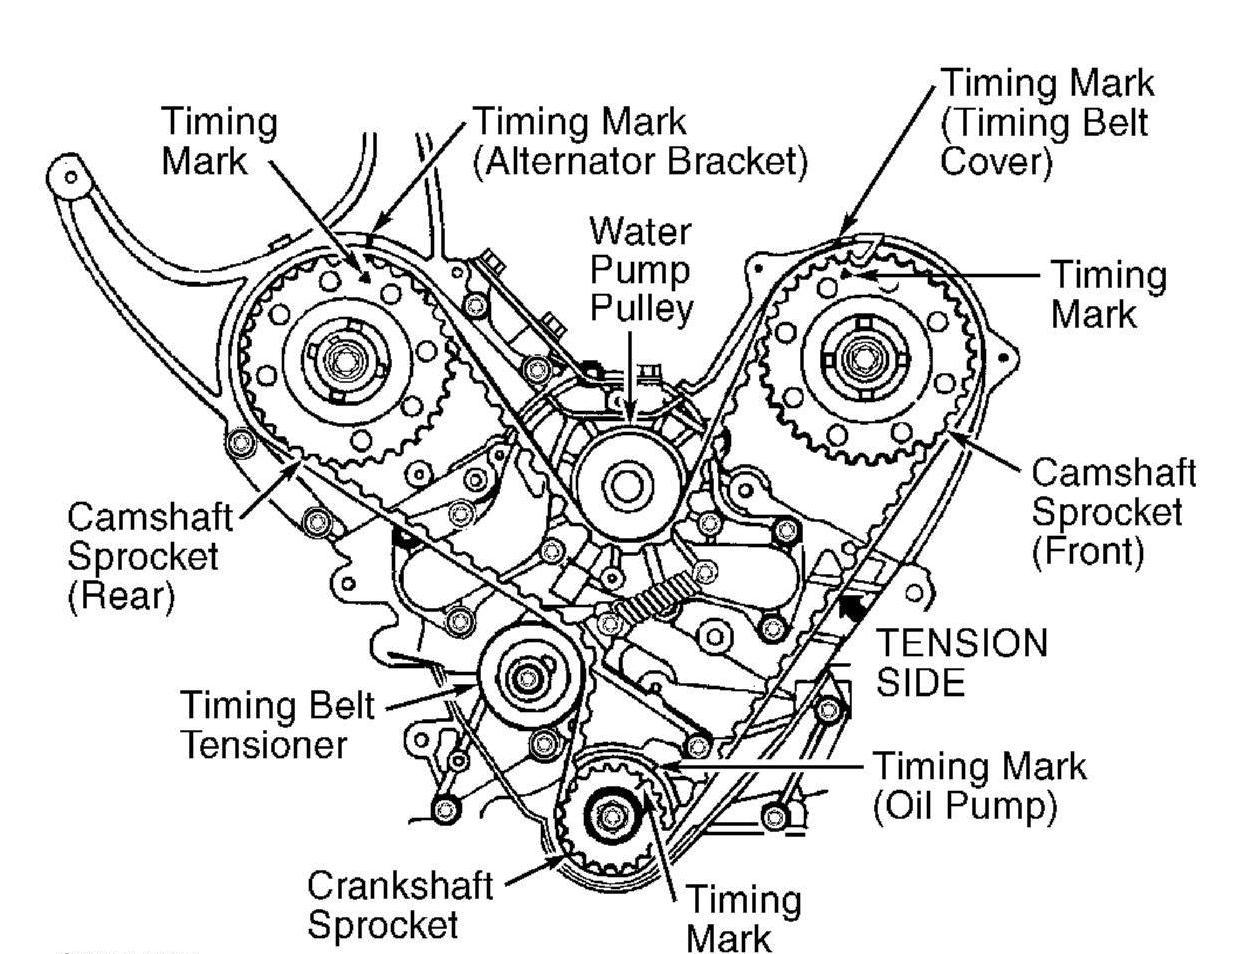 1998 Mitsubishi Galant 2 4 Timing Marks